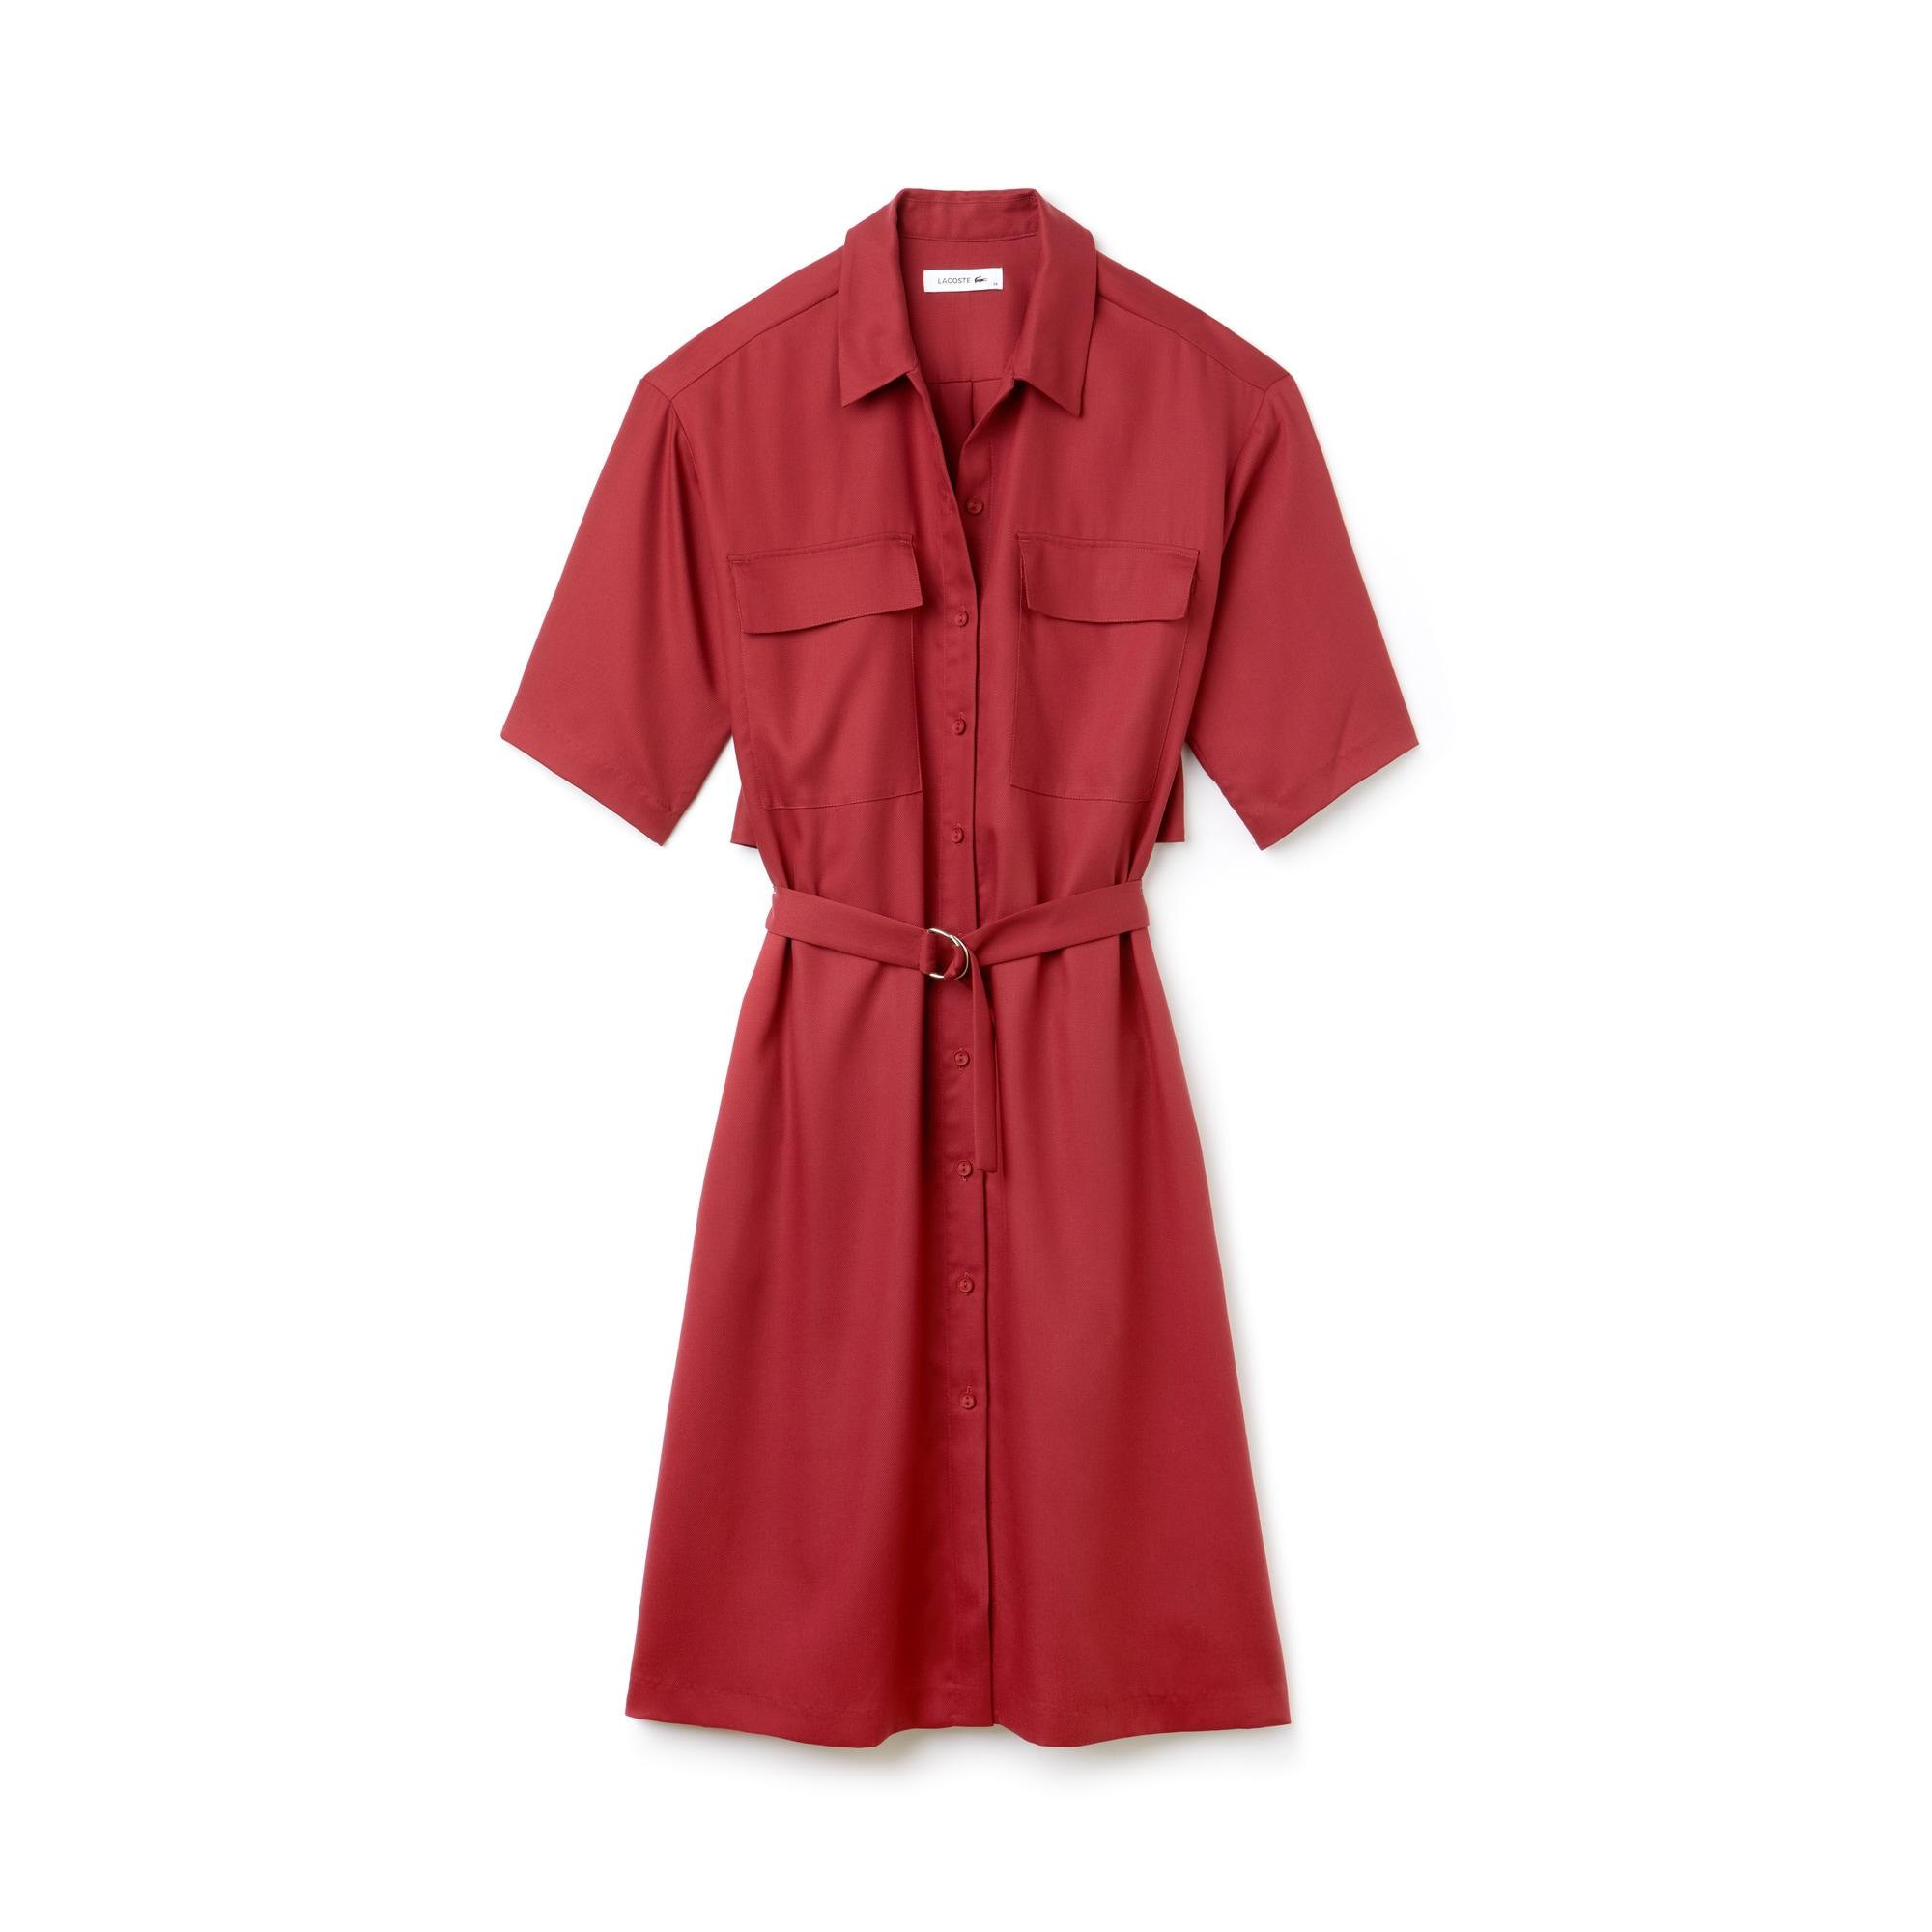 라코스테 피케 원피스, 벨티드 피케 셔츠 드레스 레드 Lacoste Womens Belted Pique Shirt Dress, autumnal red